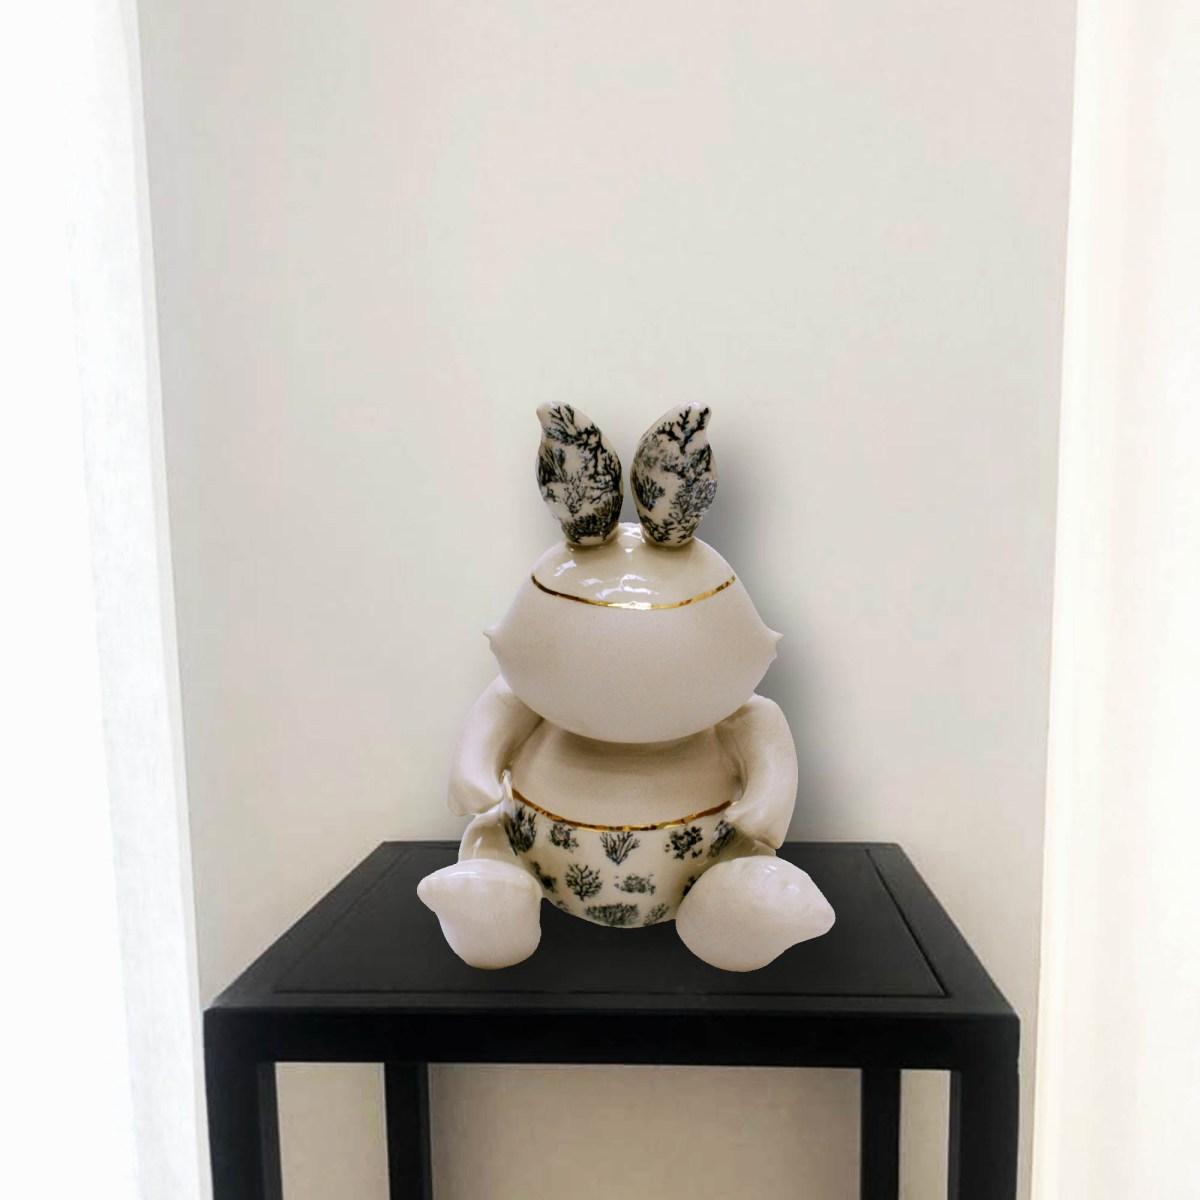 Escultura de la artista Ana Gómez sobre base de hierro negro